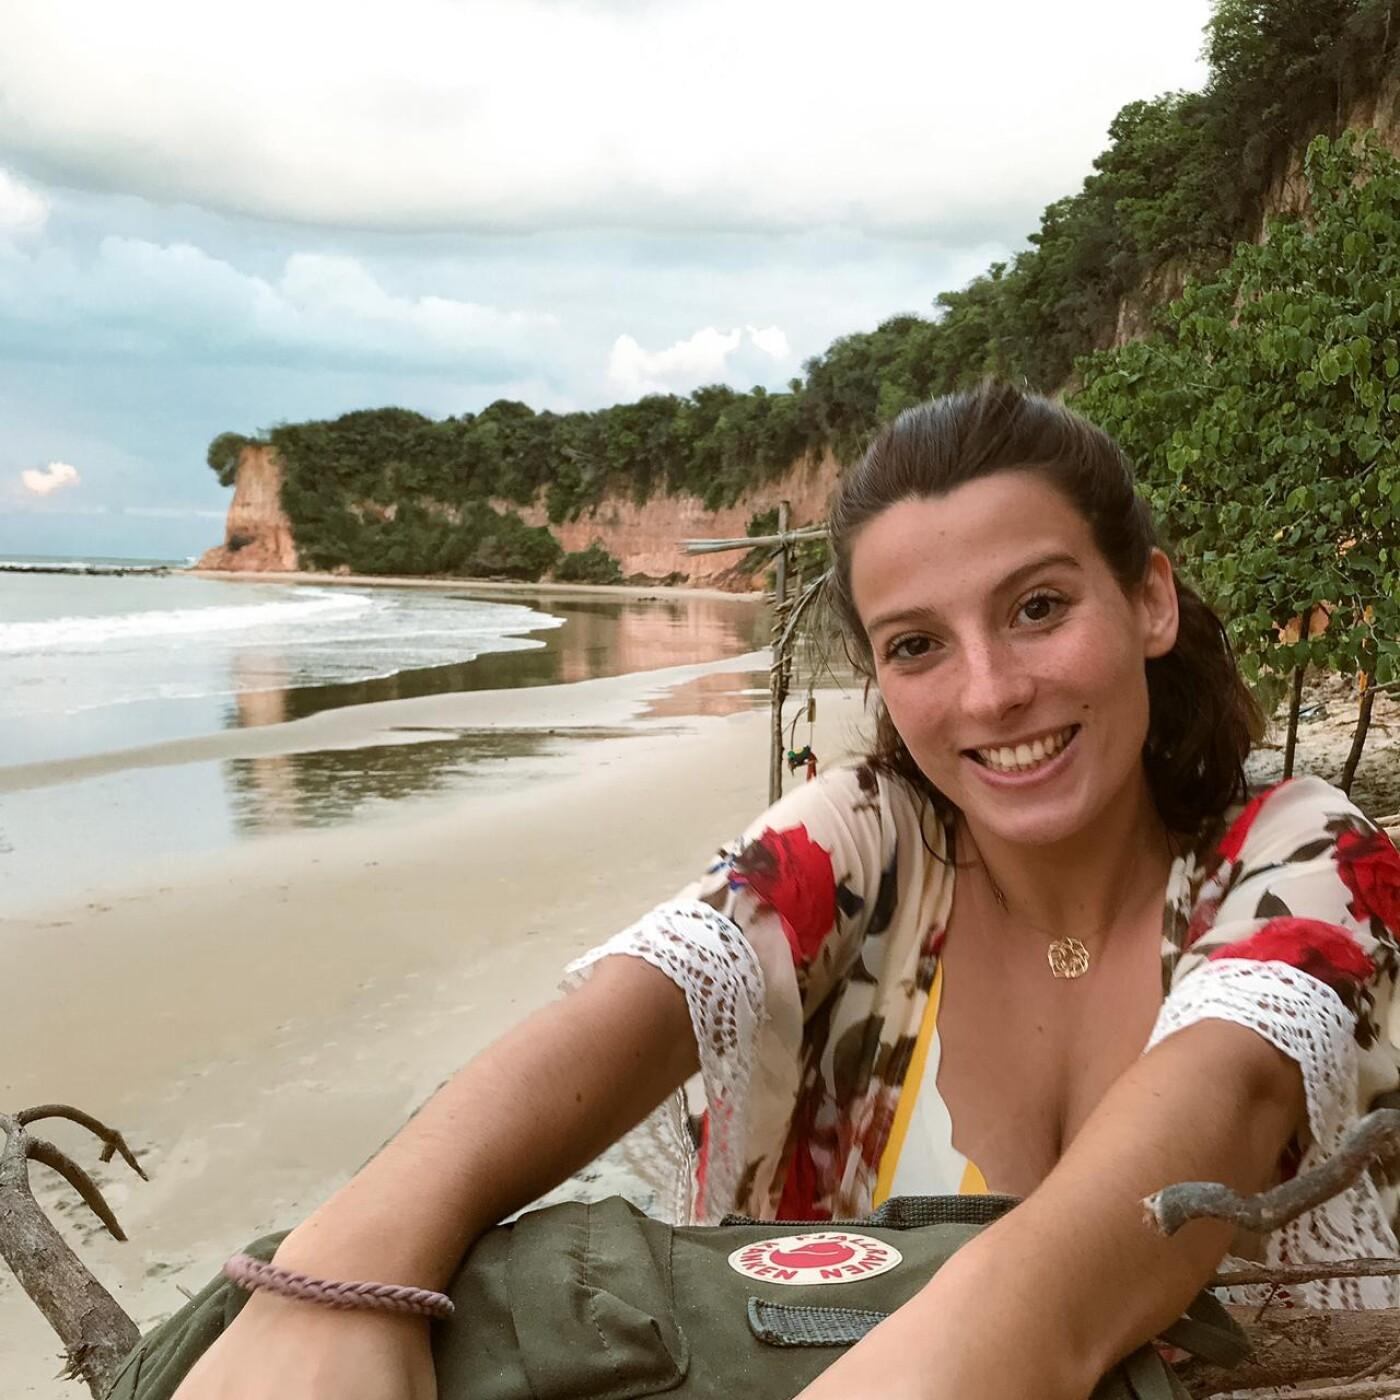 Julie vient d'arriver au Brésil pour un an de PVT - 16 04 2021 - StereoChic Radio